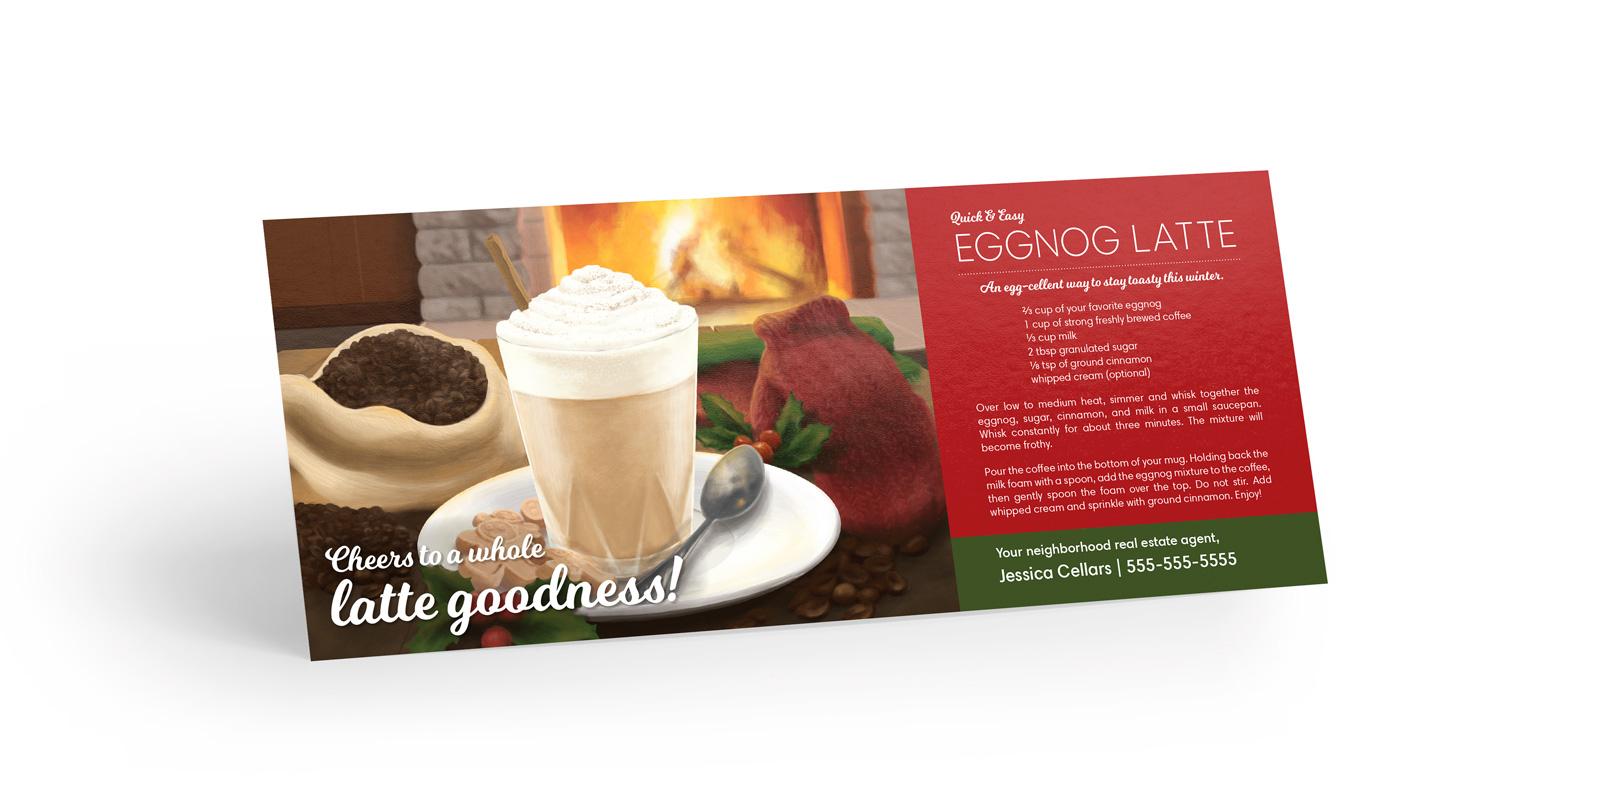 Corefact Seasonal - Eggnog Latte